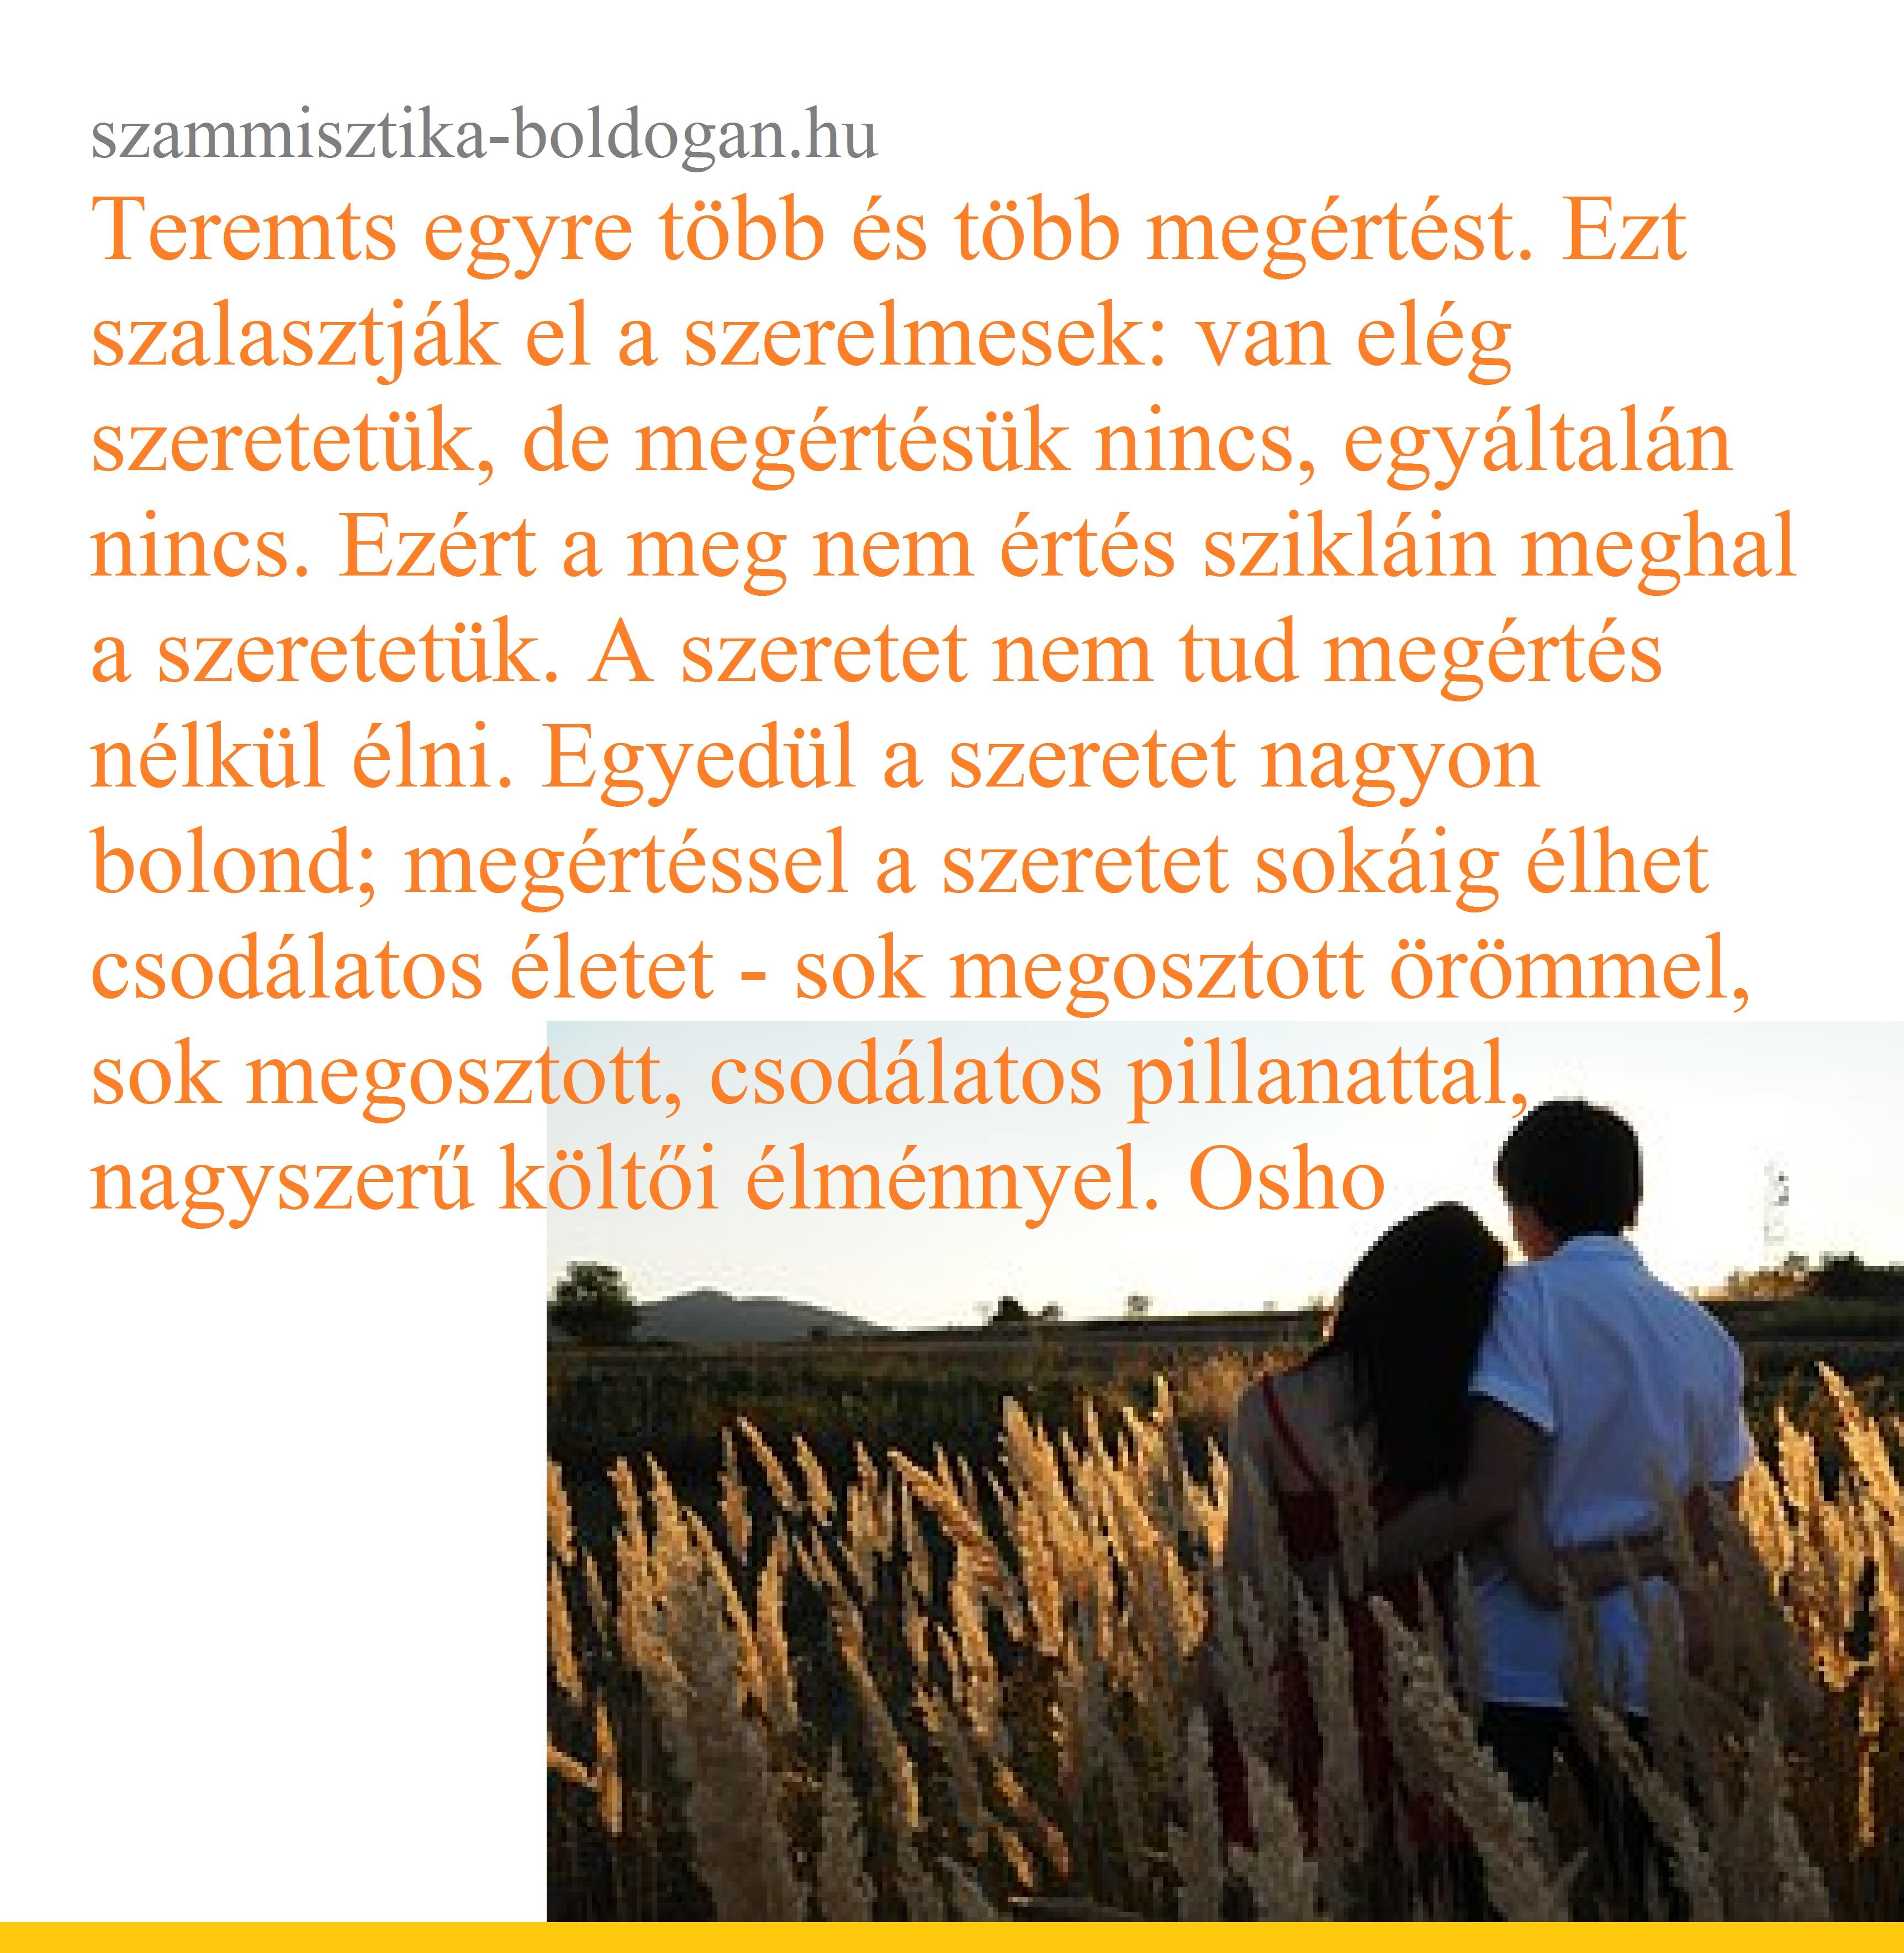 szeretet, megértés, osho idézet